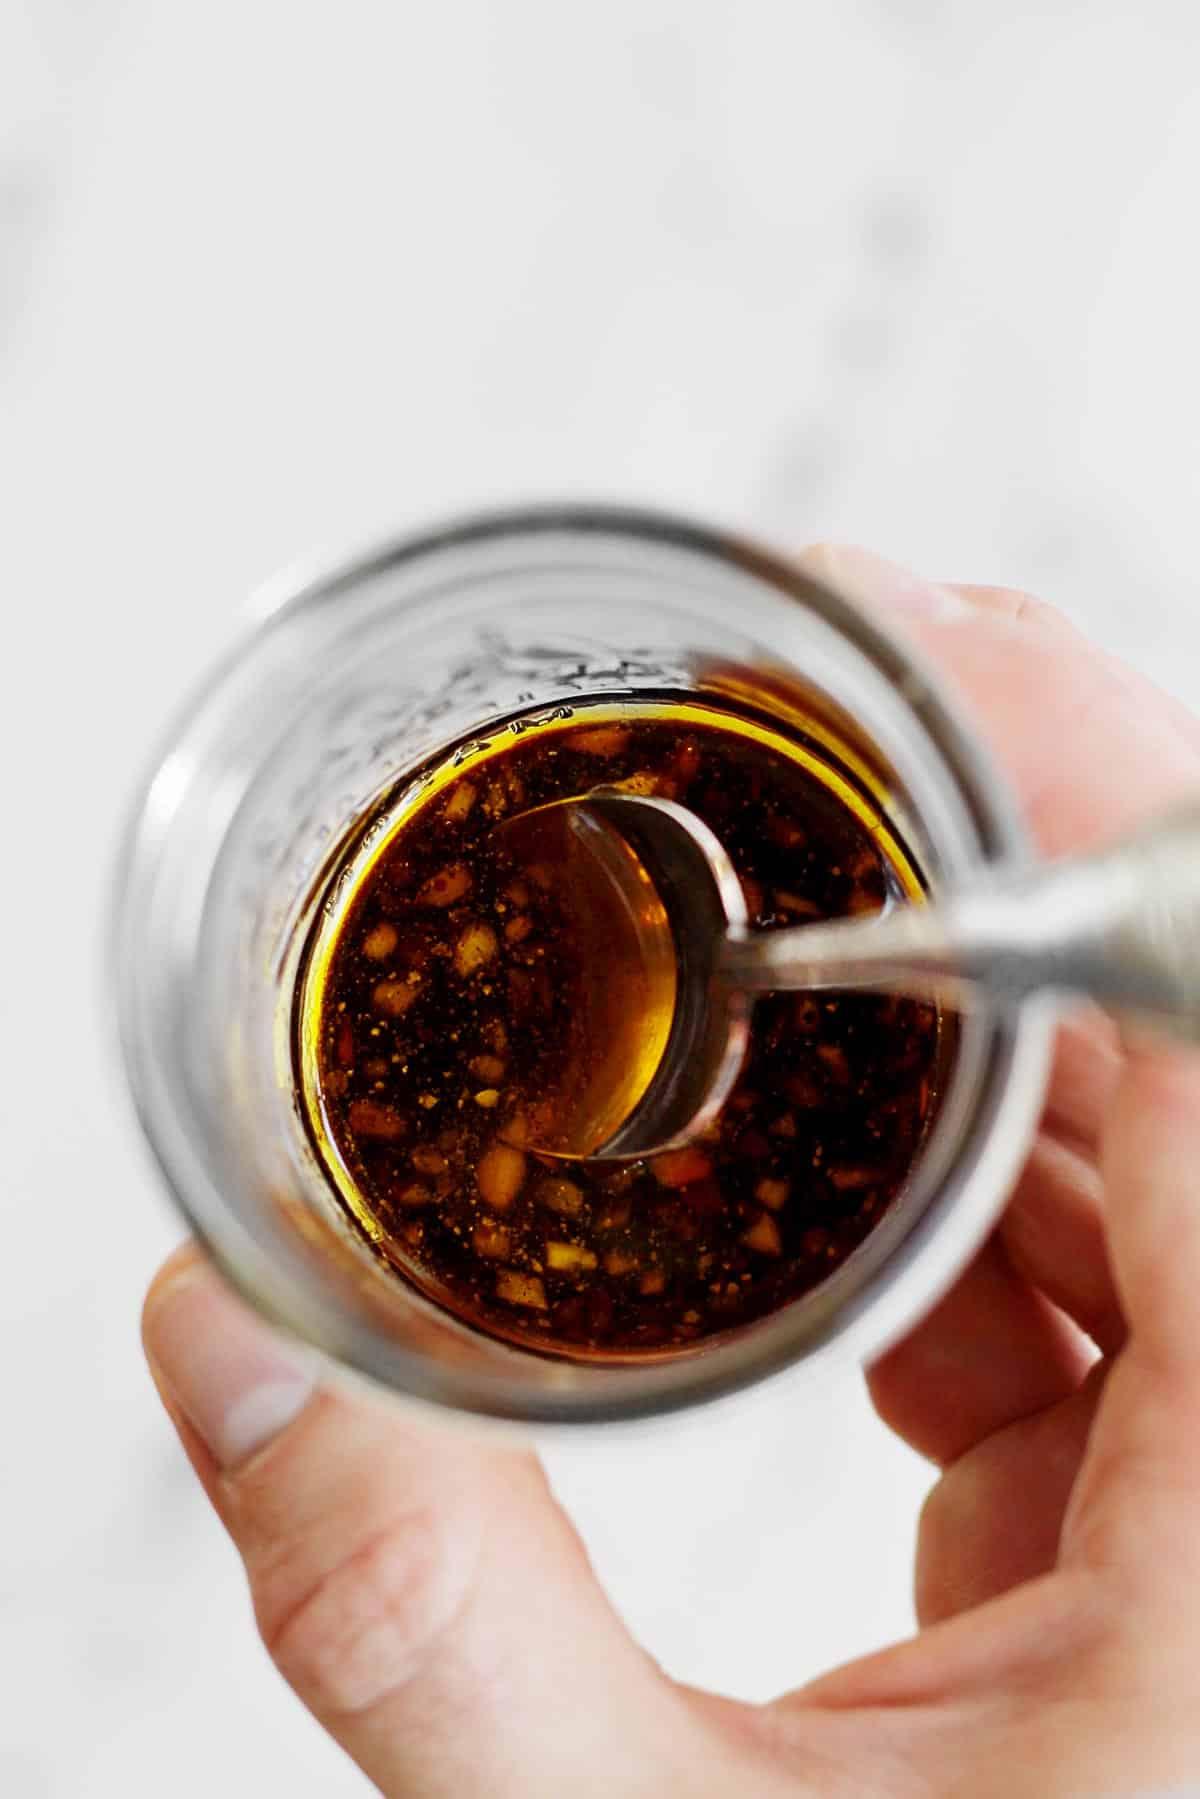 Balsamic vinaigrette in a mason jar with a spoon